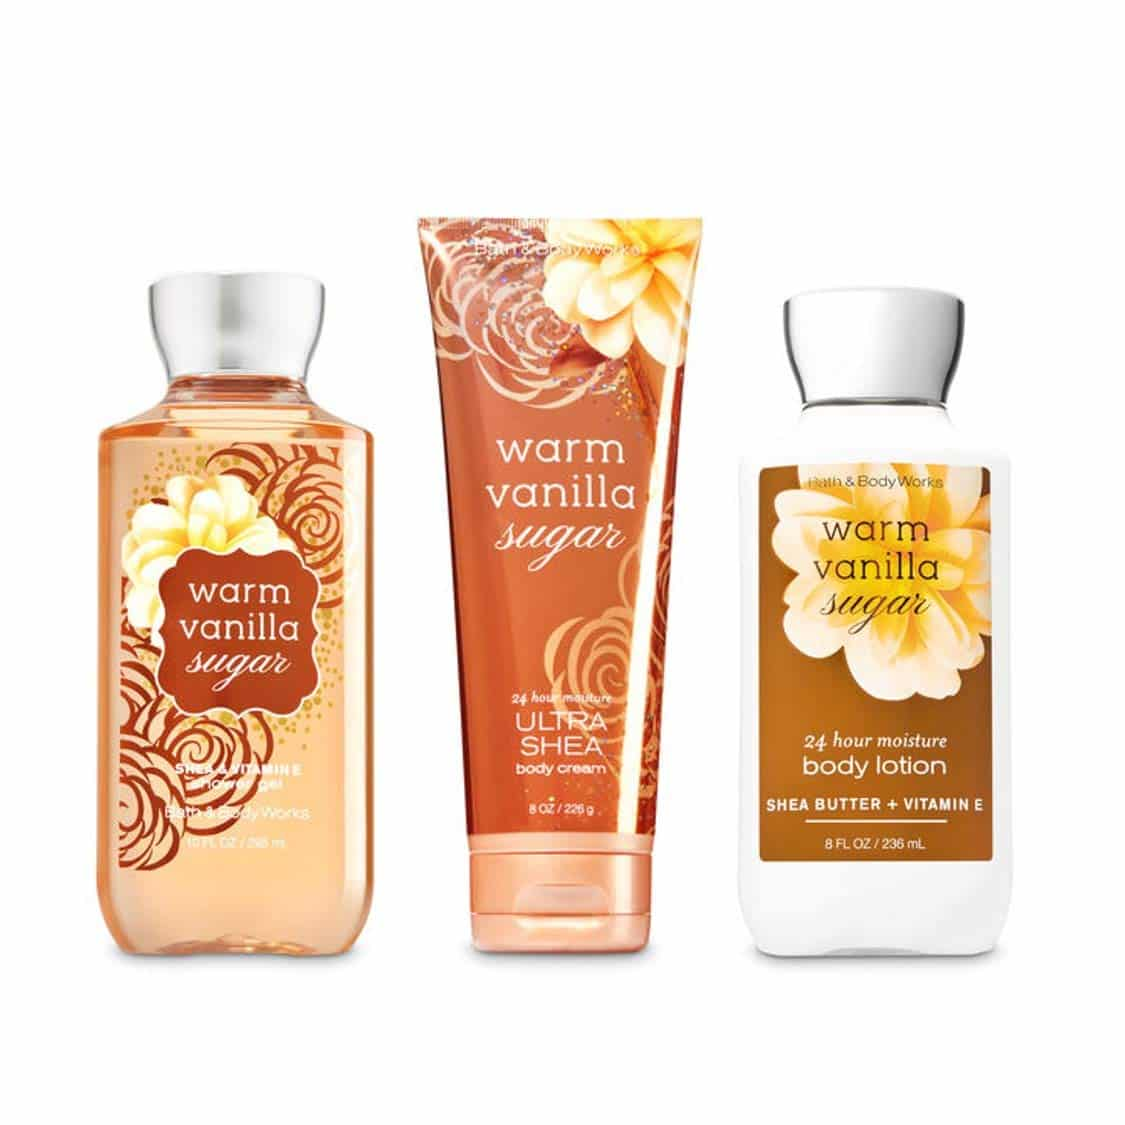 Bath-Body-Works-Warm-Vanilla-Sugar